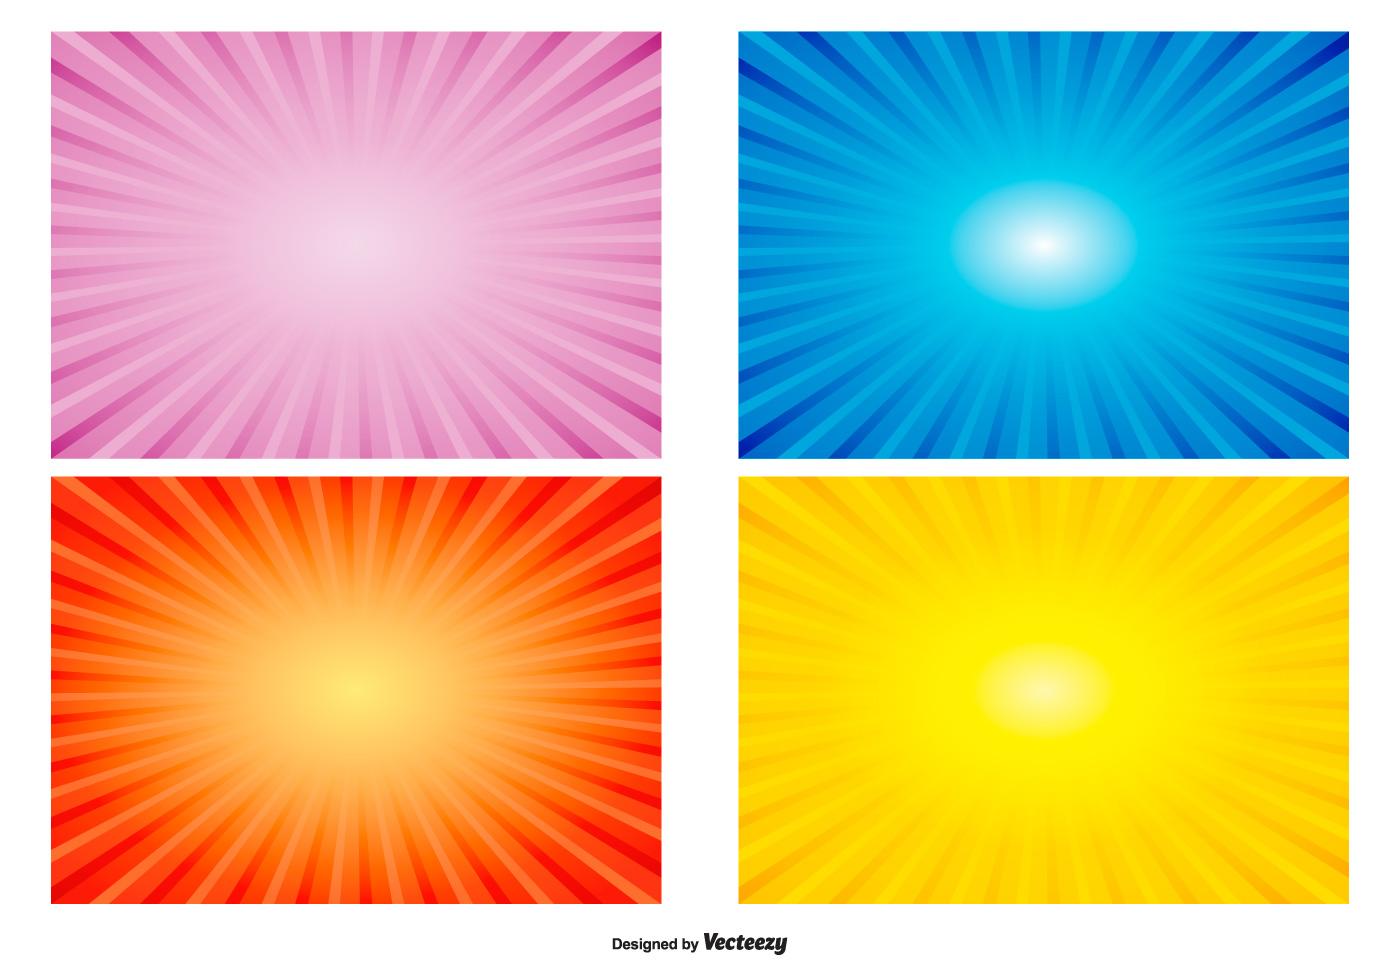 colorful radiant sunburst backgrounds